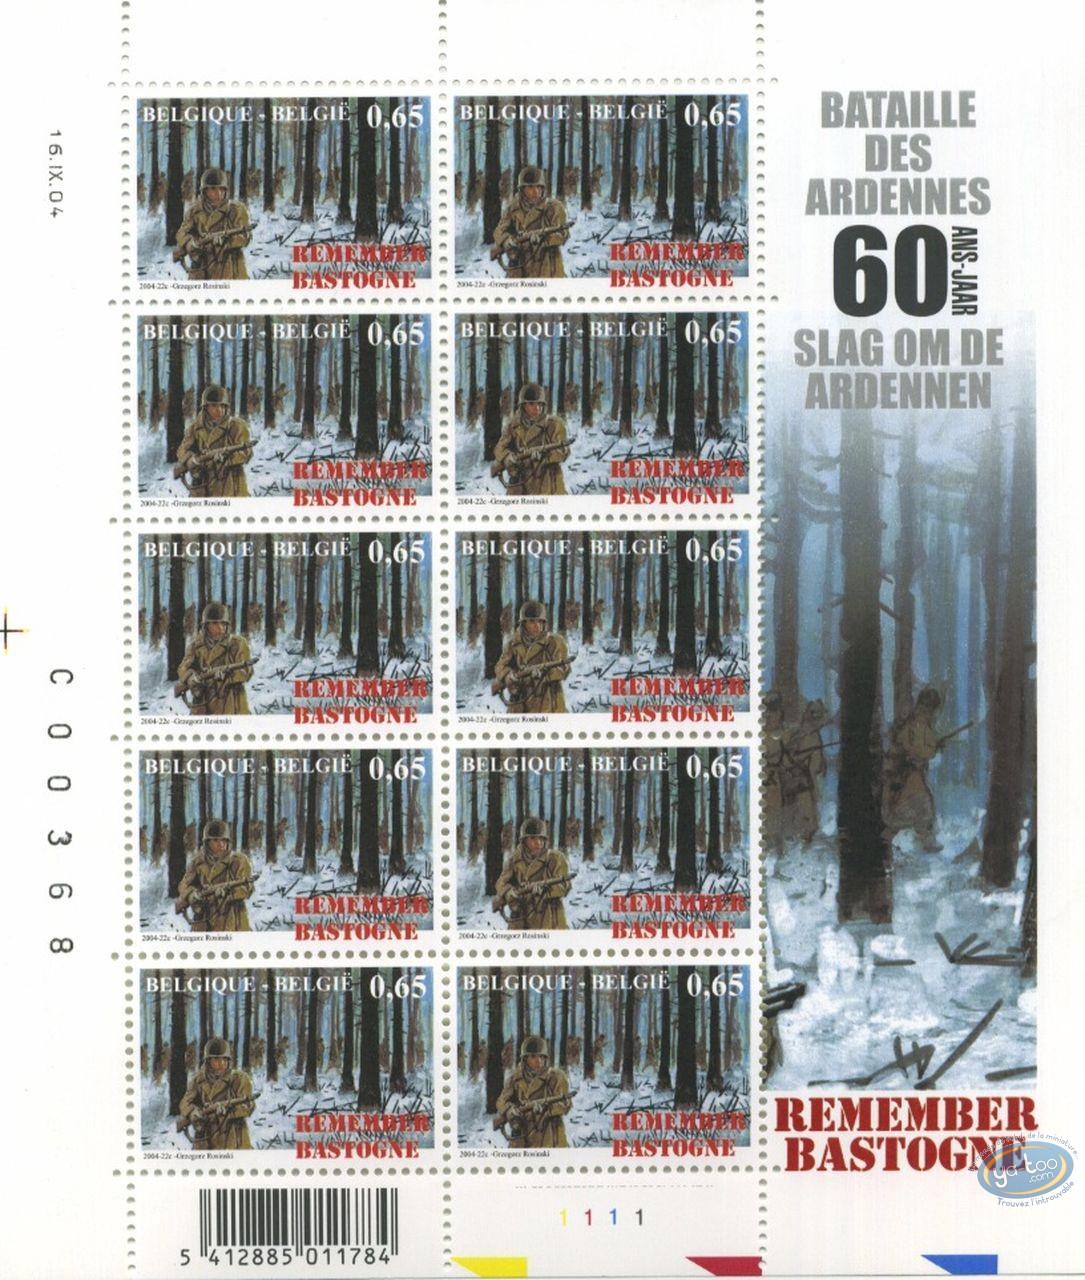 Timbre, Bataille des Ardennes (La) : Planche de 10 timbres Forêt, Remember Bastogne